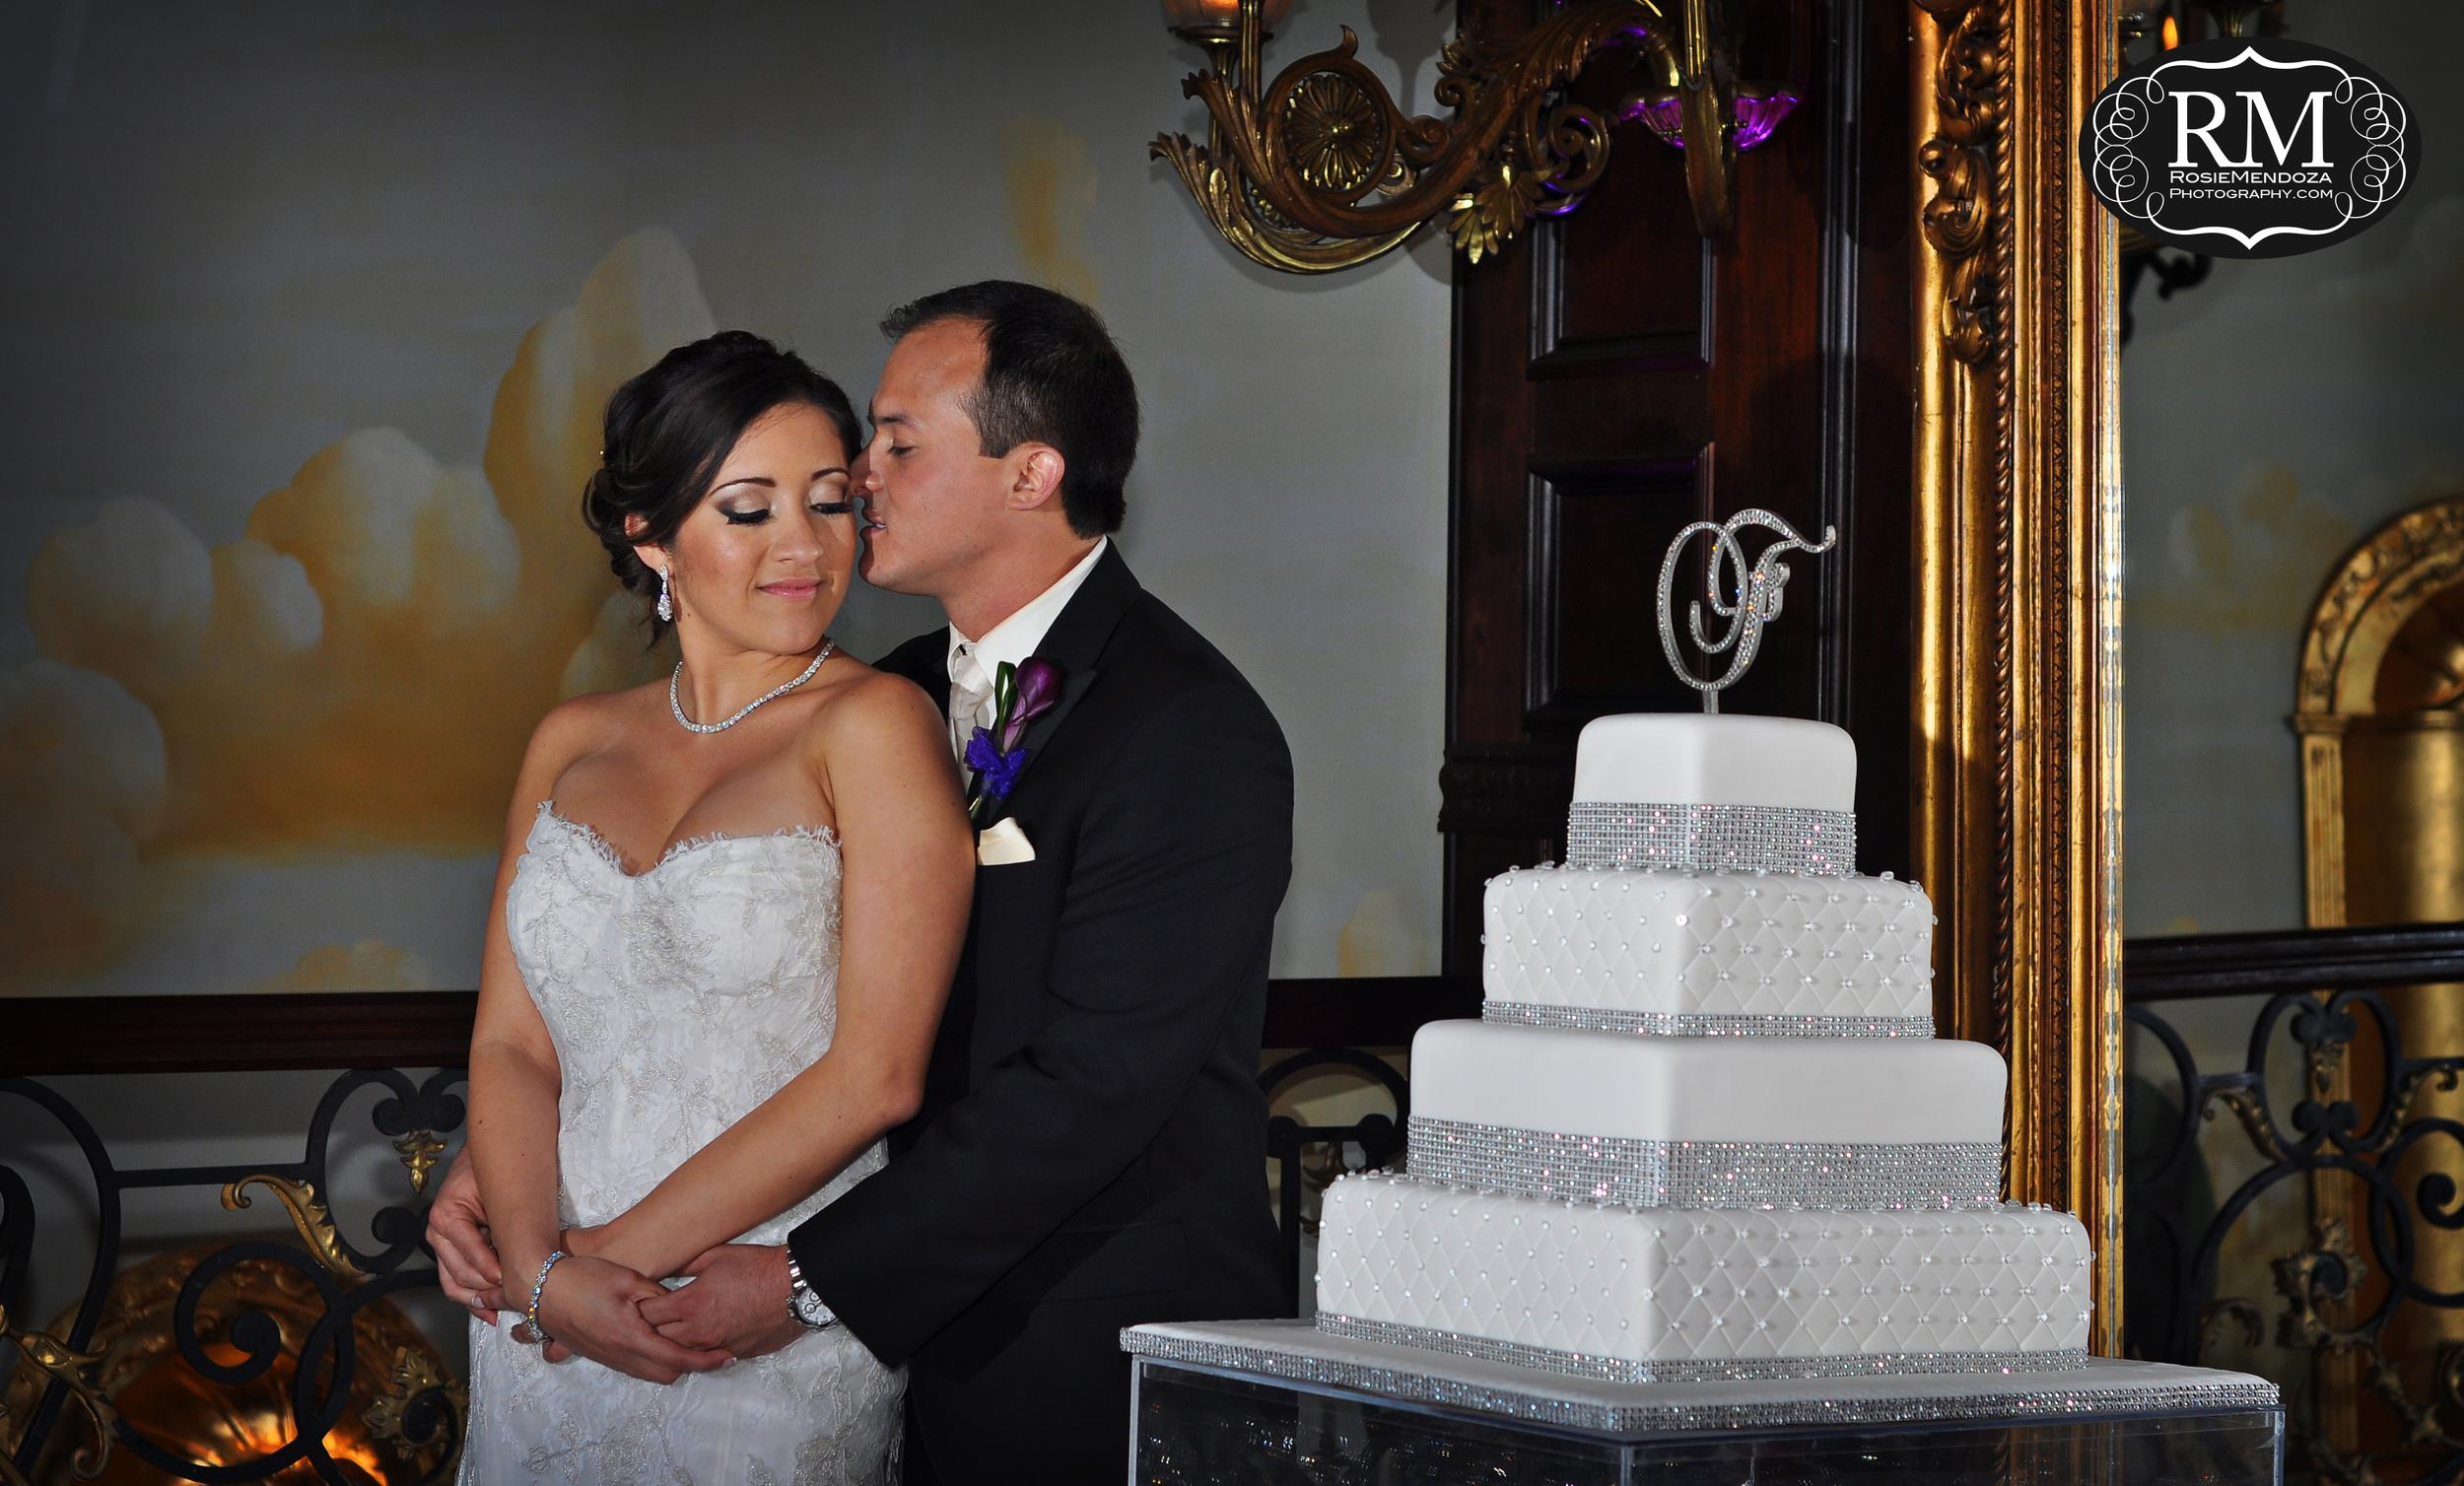 Coral-Gables-The-Cruz-Building-wedding-portrait-photo